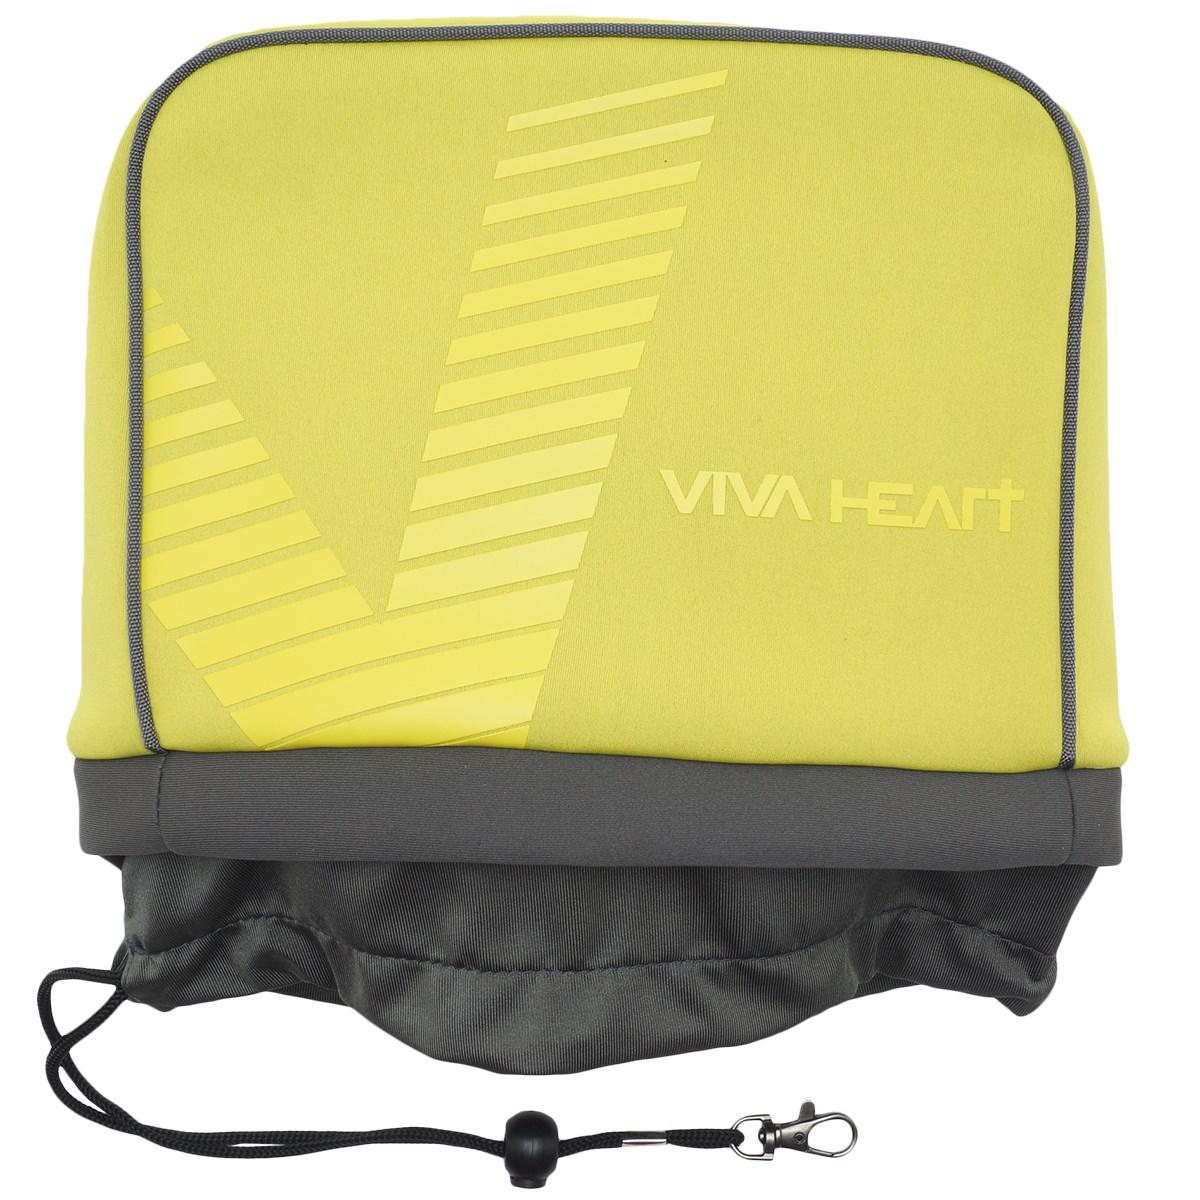 ビバハート VIVA HEART GDO限定 ネオプレーンアイアンカバー イエロー 32 メンズ ゴルフ